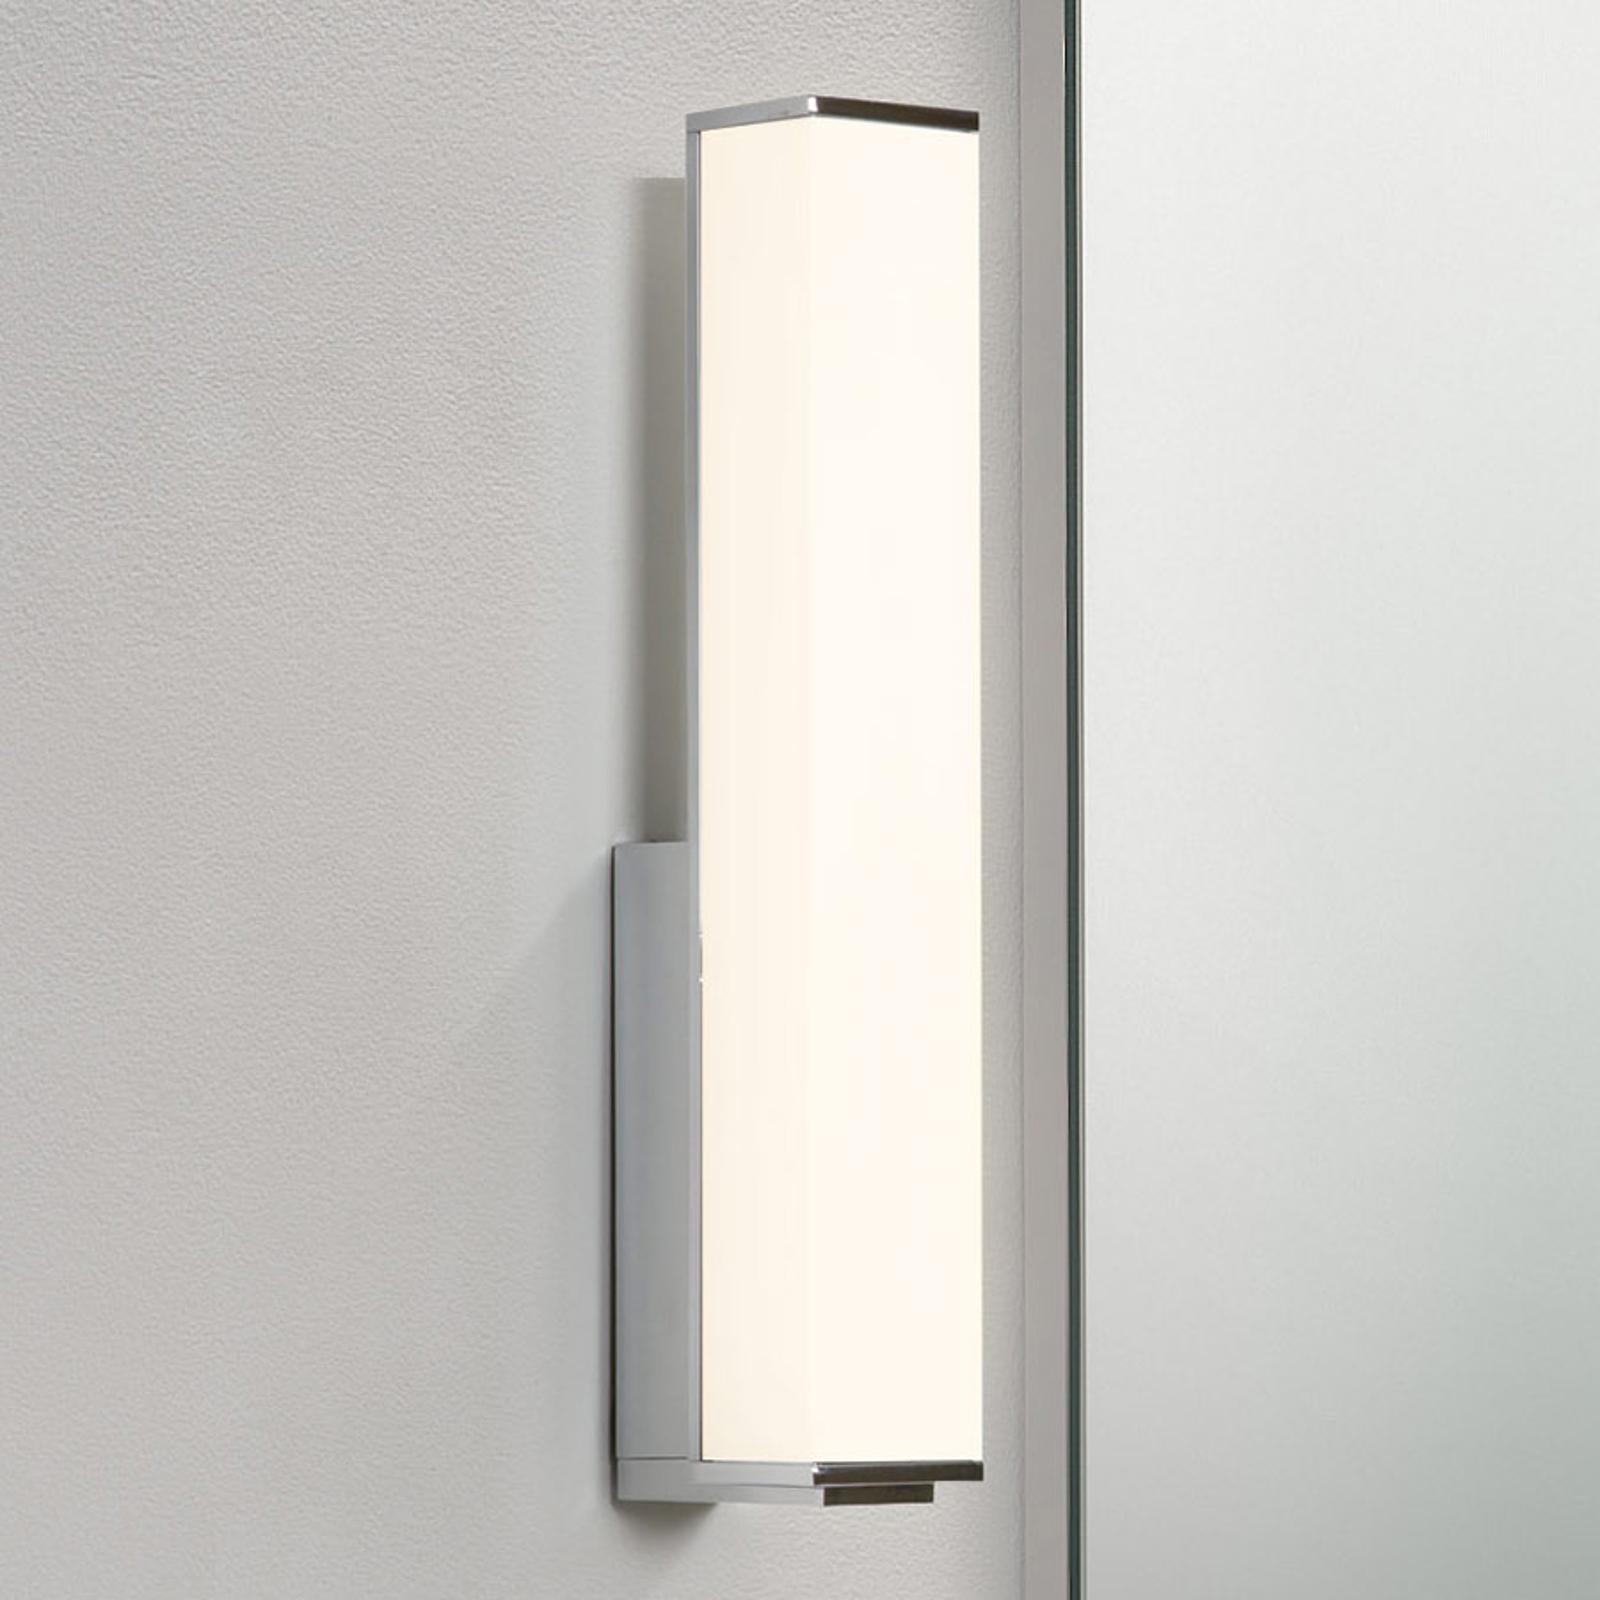 Speilbelysning Karla med LED-lys til badet